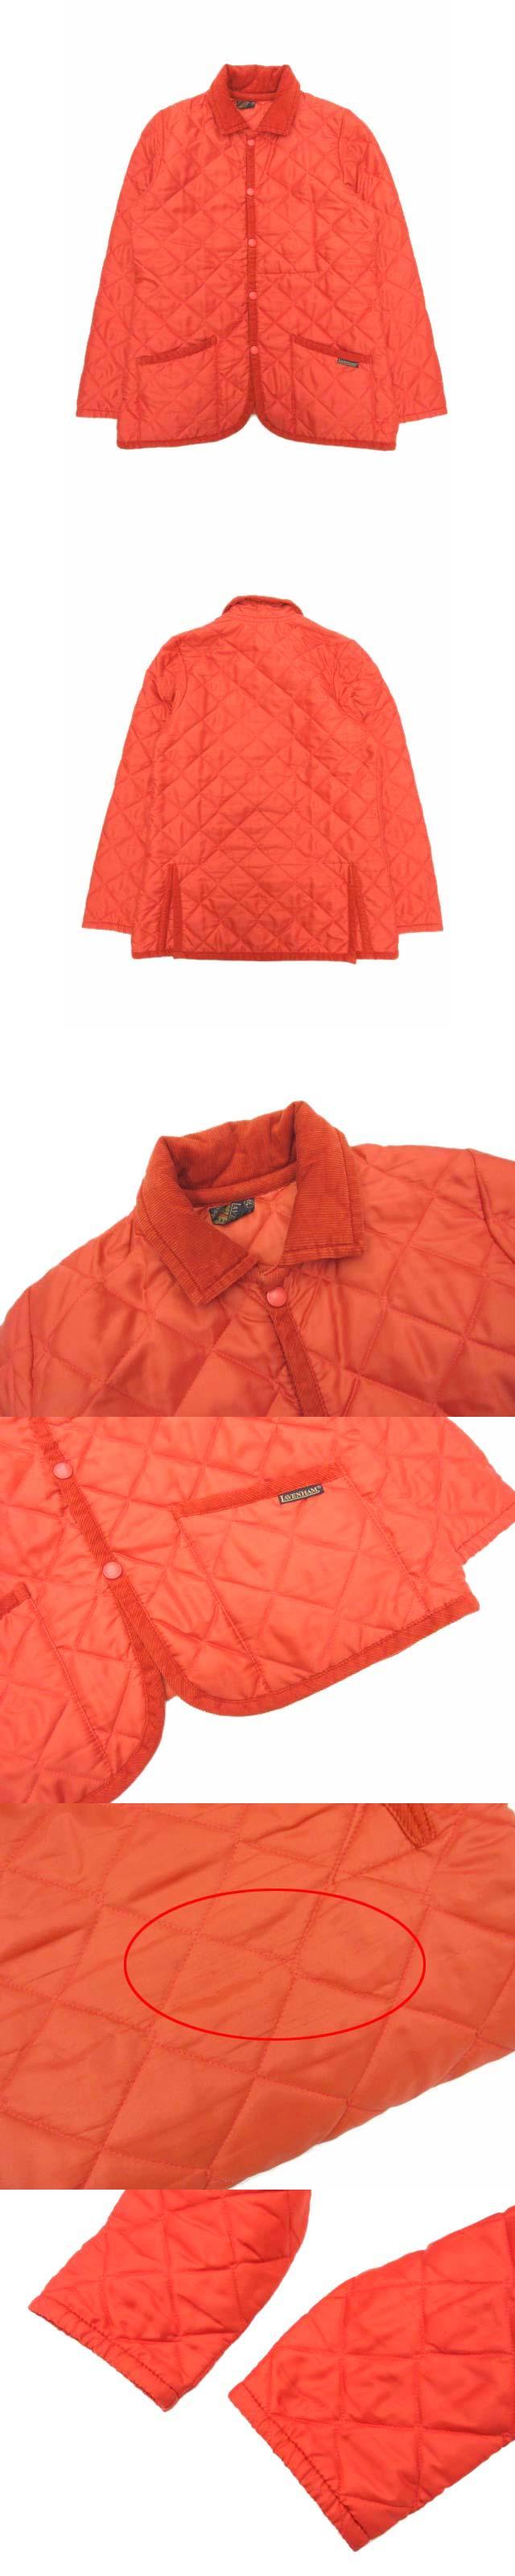 キルティングジャケット コート ブルゾン 中綿 パイピング 38 オレンジ WA-AW04 190714